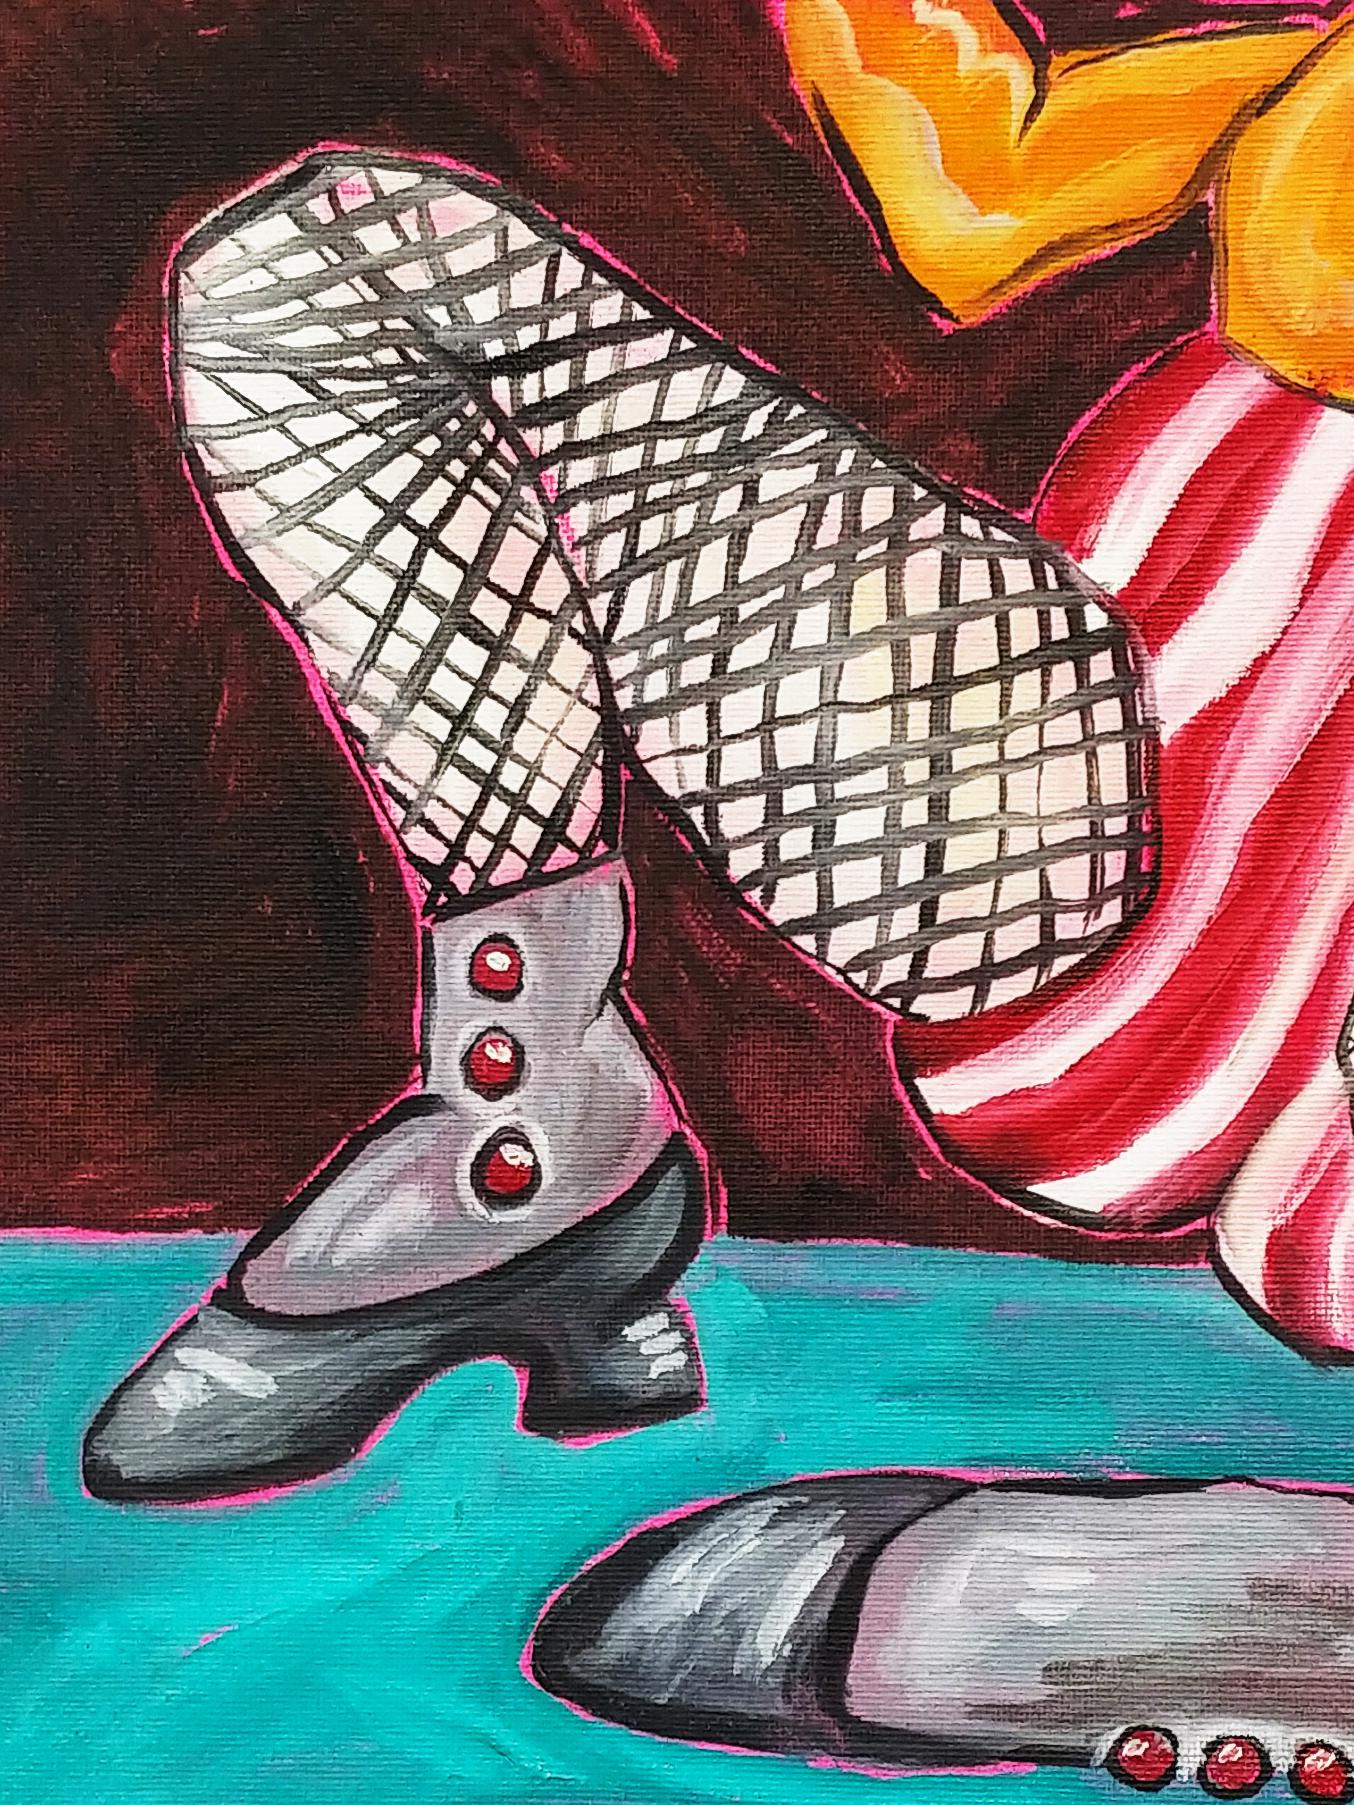 Oil School Breakin' (2020)Oil on canvas paper12